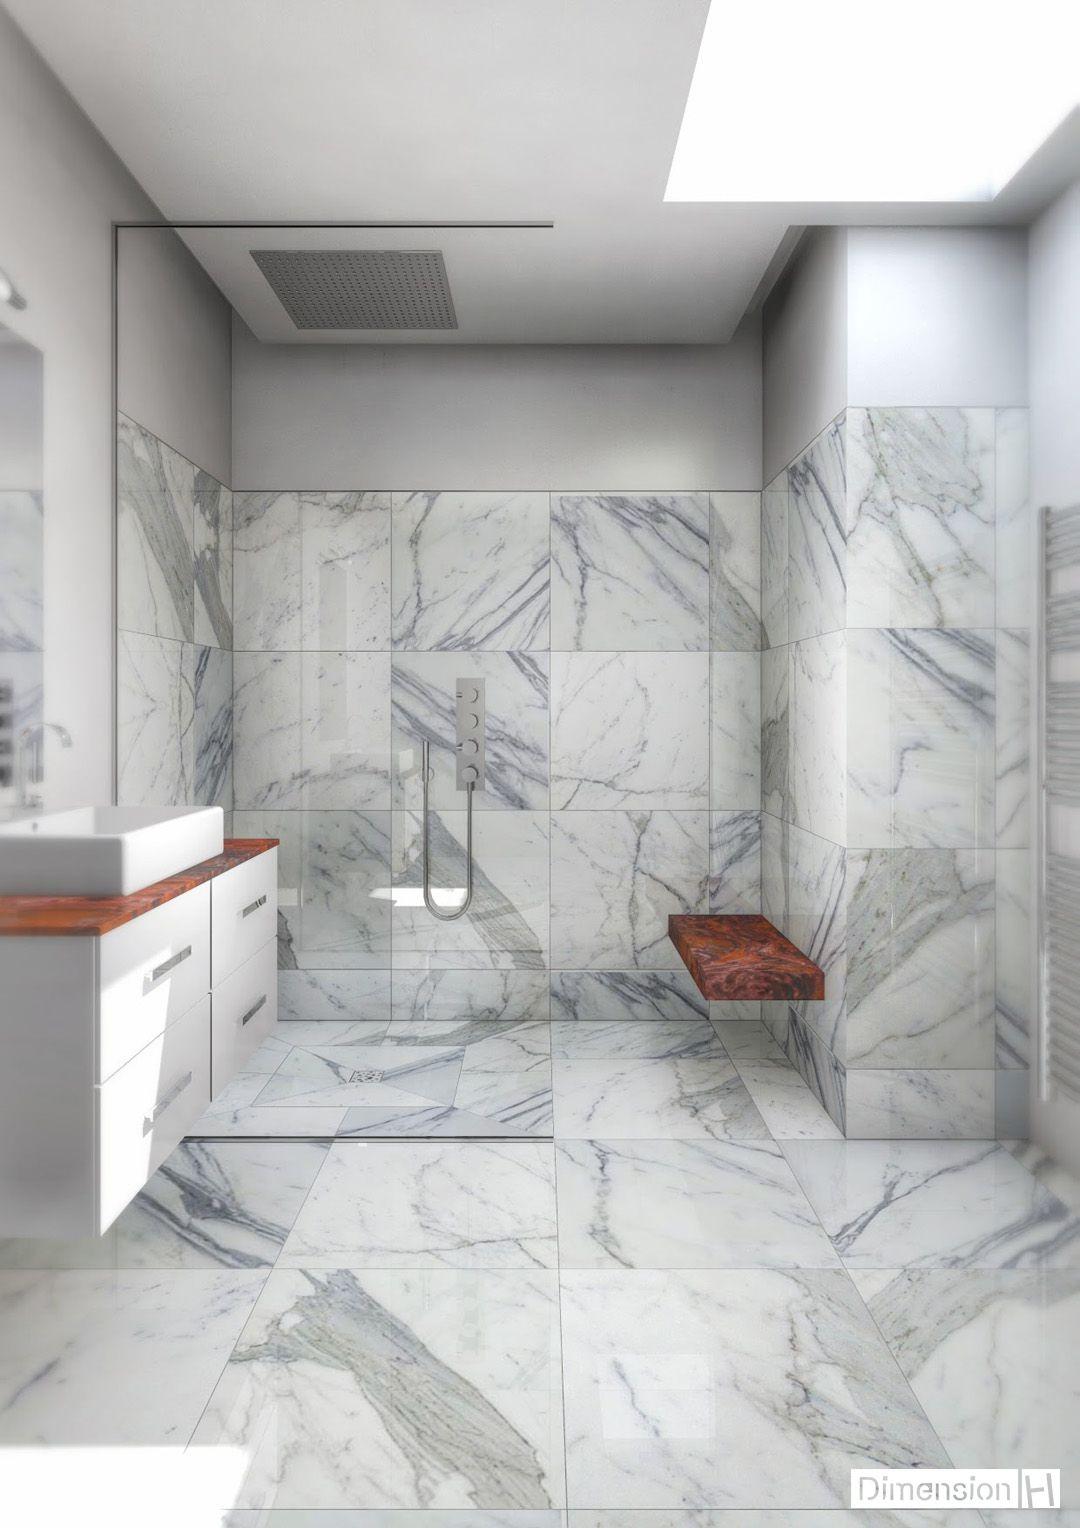 Salle de bains marbre Blanc Statuaire dalle 16 x 16 cm  Salle de